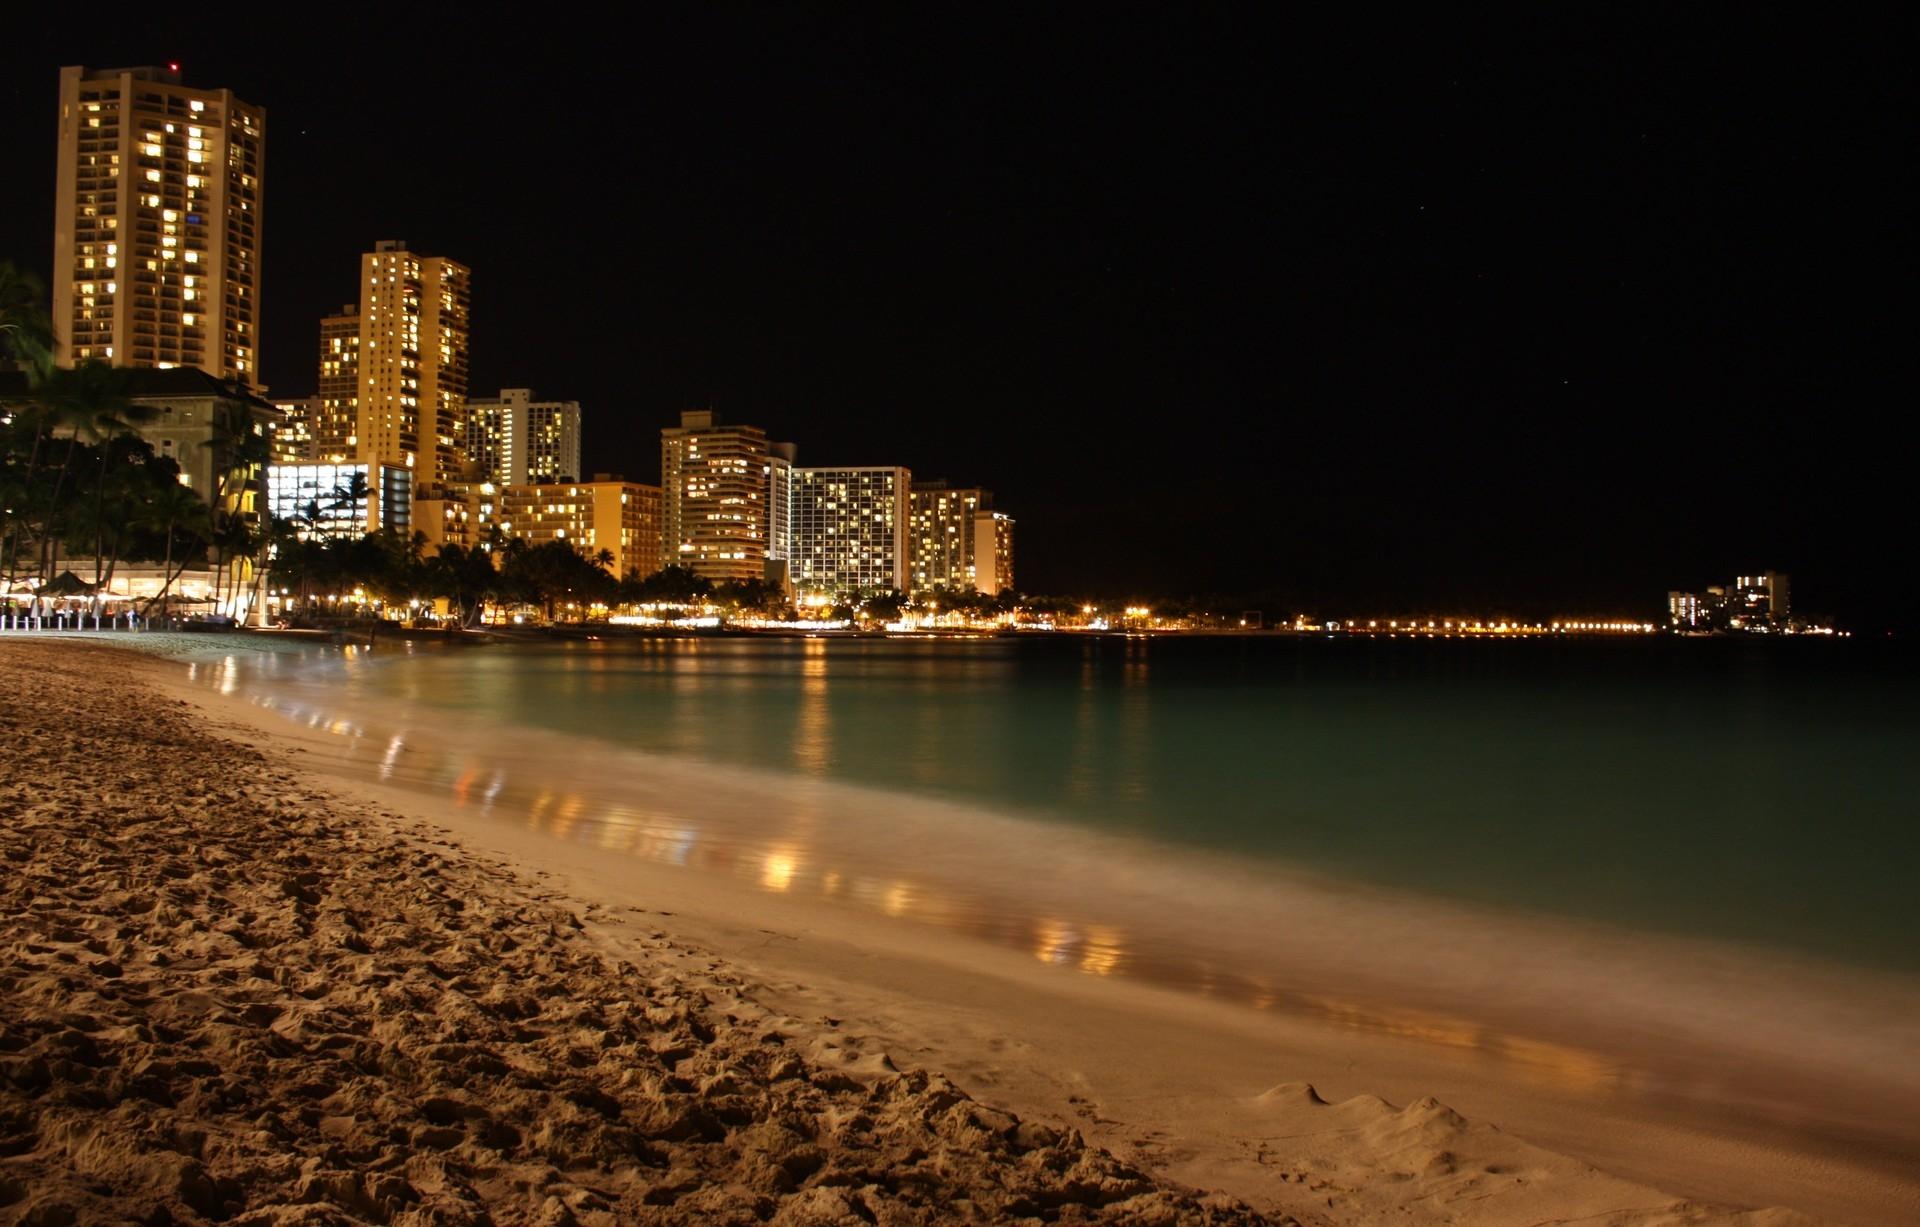 строительно-монтажных фото с пляжейьанапы вечером модель данного